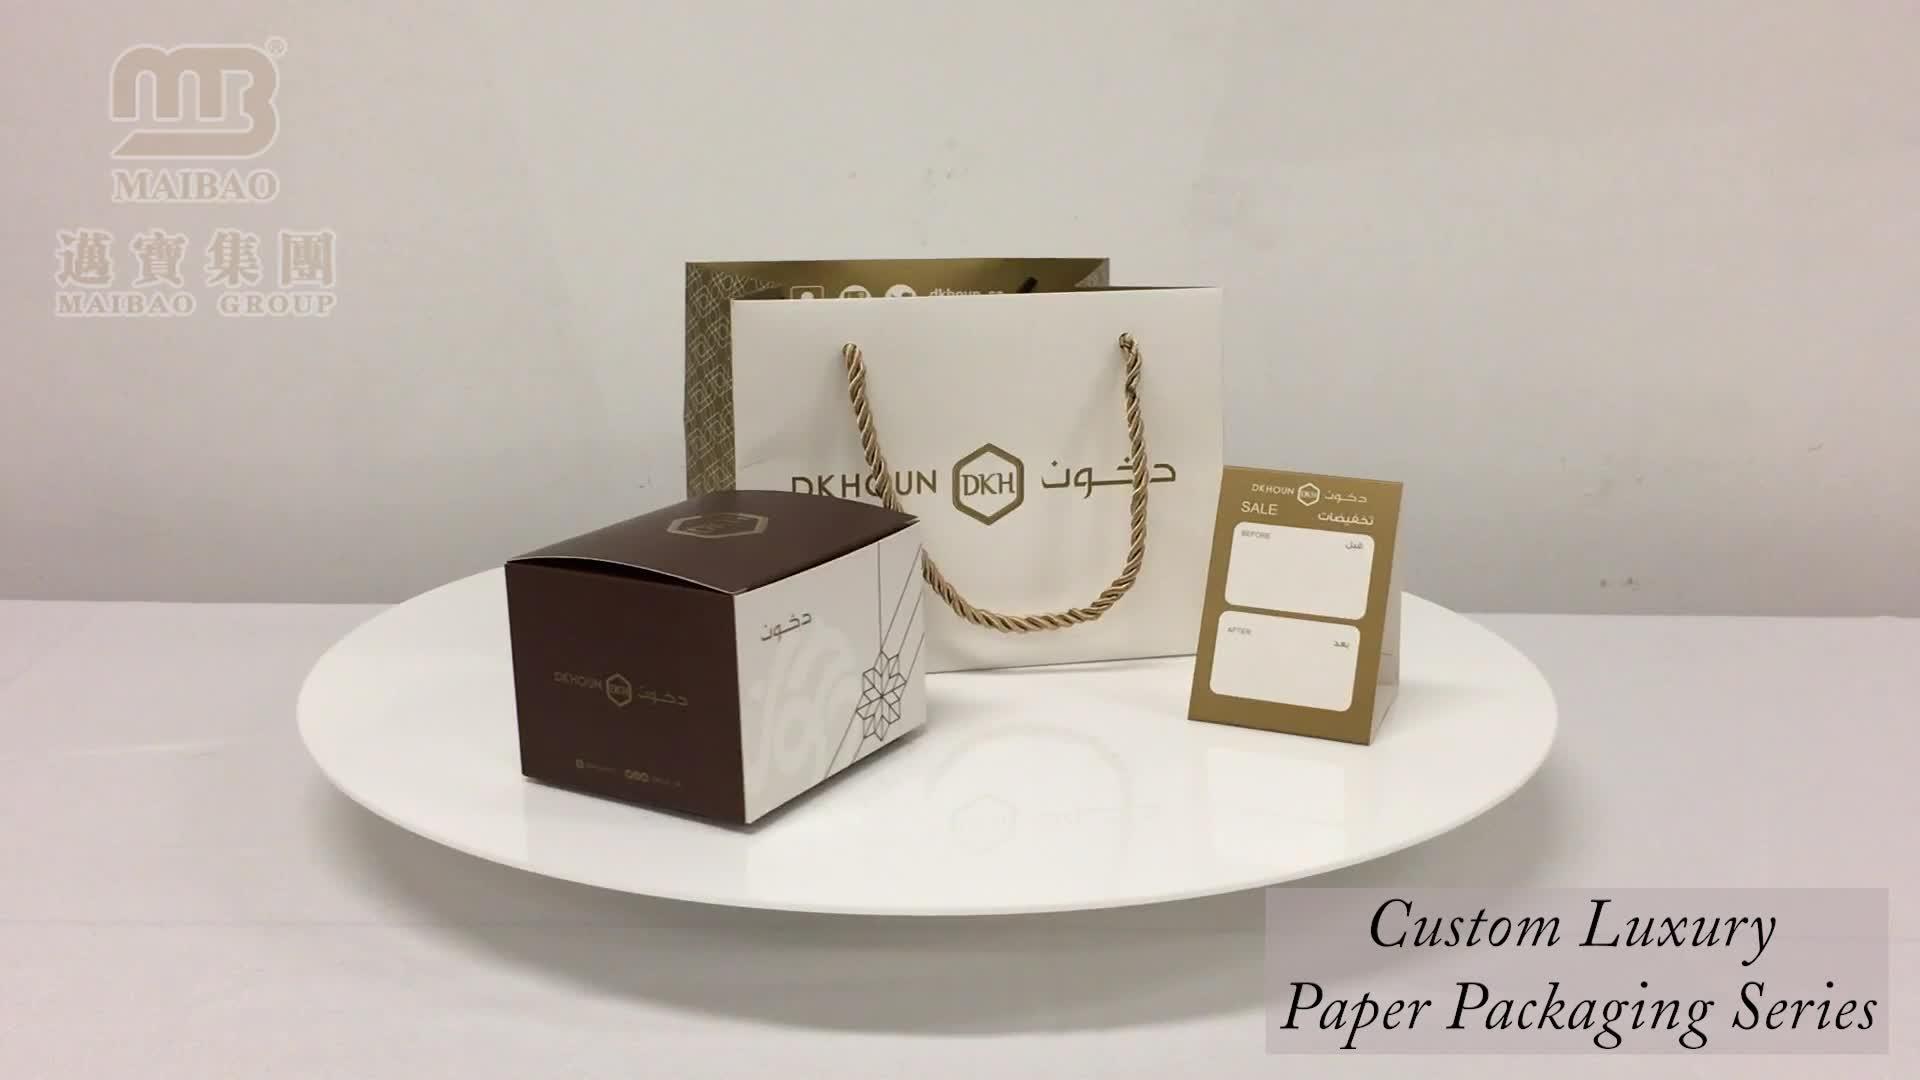 ขายส่งที่กำหนดเอง heavy duty ช้อปปิ้งของขวัญ glitter ห่อทองเงิน glitter กระดาษของขวัญถุงริบบิ้นจับ